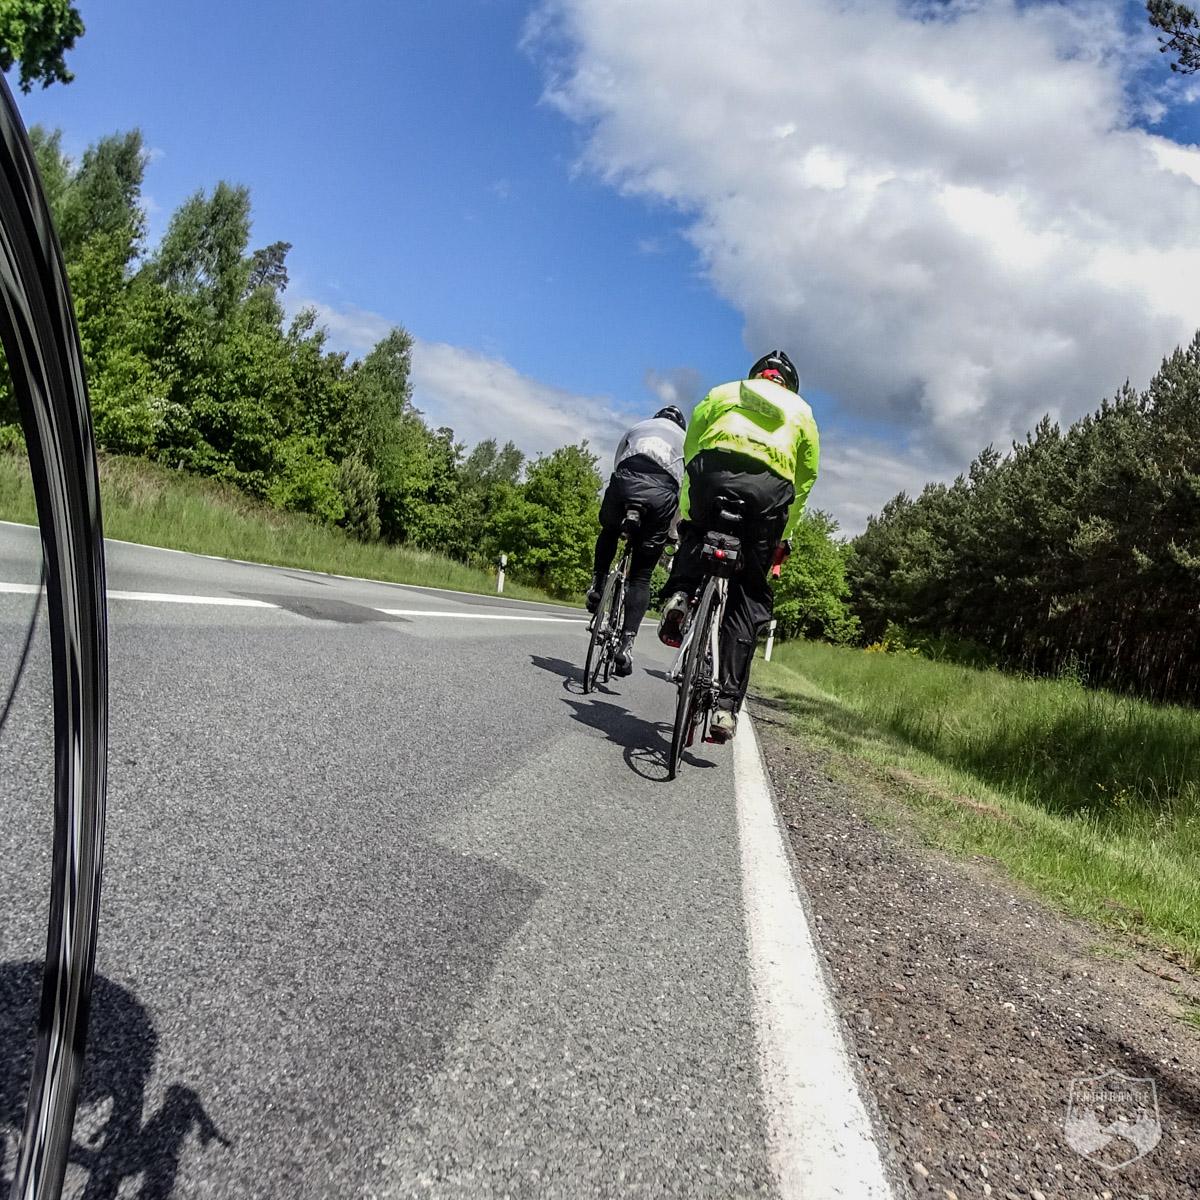 Sonne, Himmel, MSR300, Asphalt, Radmarathon, Mecklenburger Seenrunde 2015